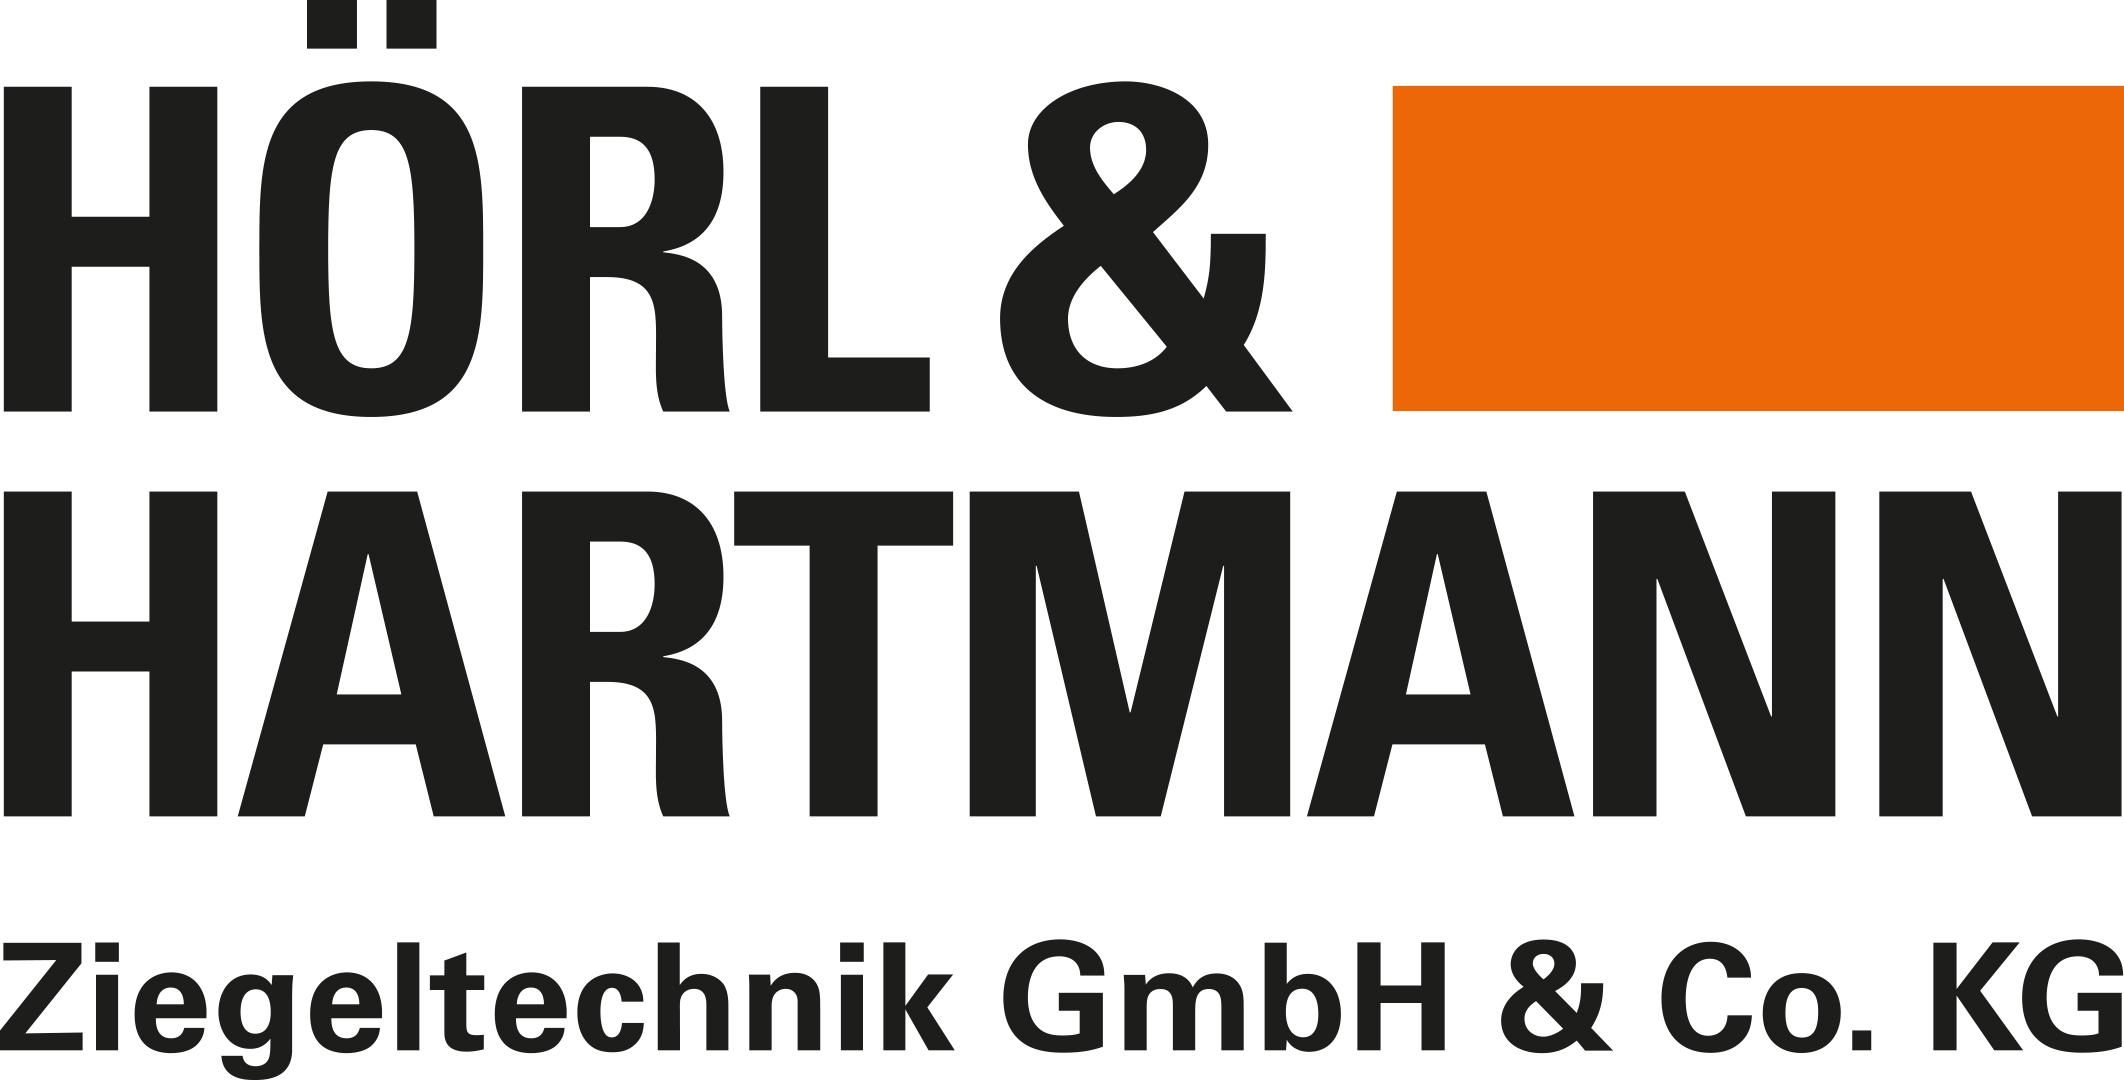 Hörl & Hartmann auf der BAU 2017 - www.hoerl-hartmann.de